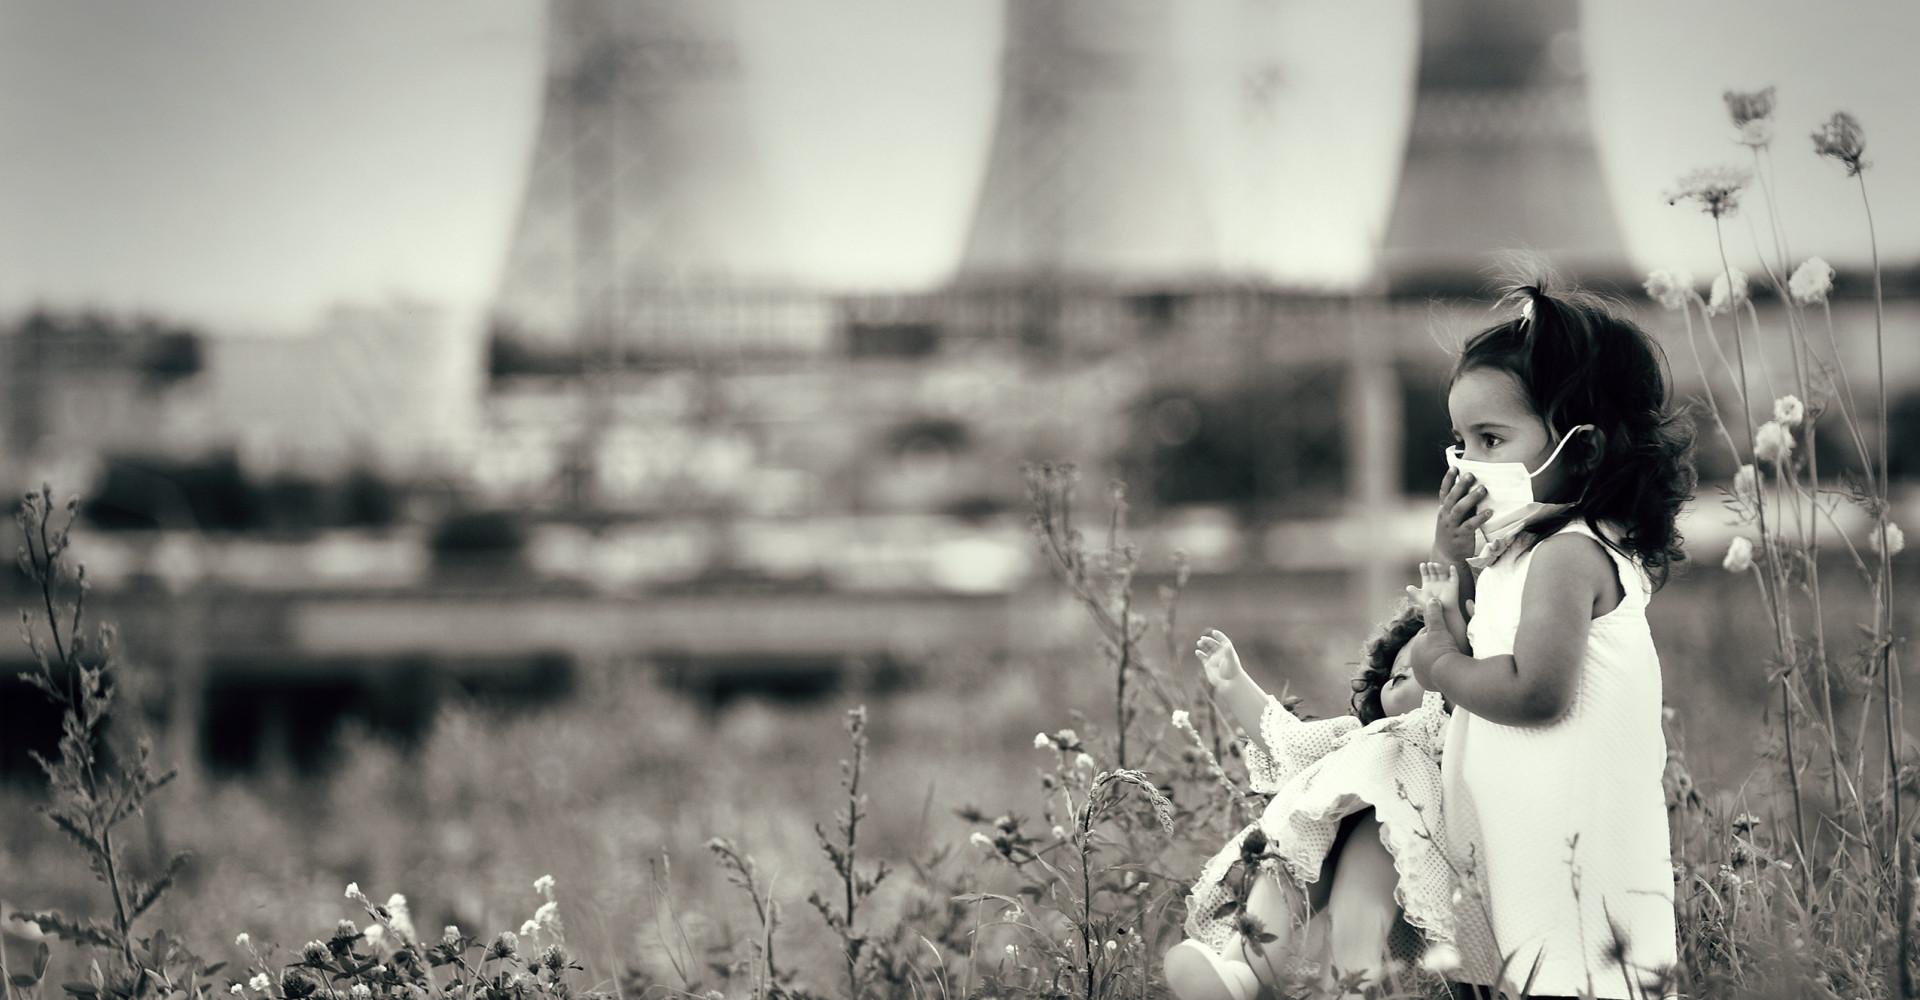 Ecco la classifica delle città più inquinate d'Italia